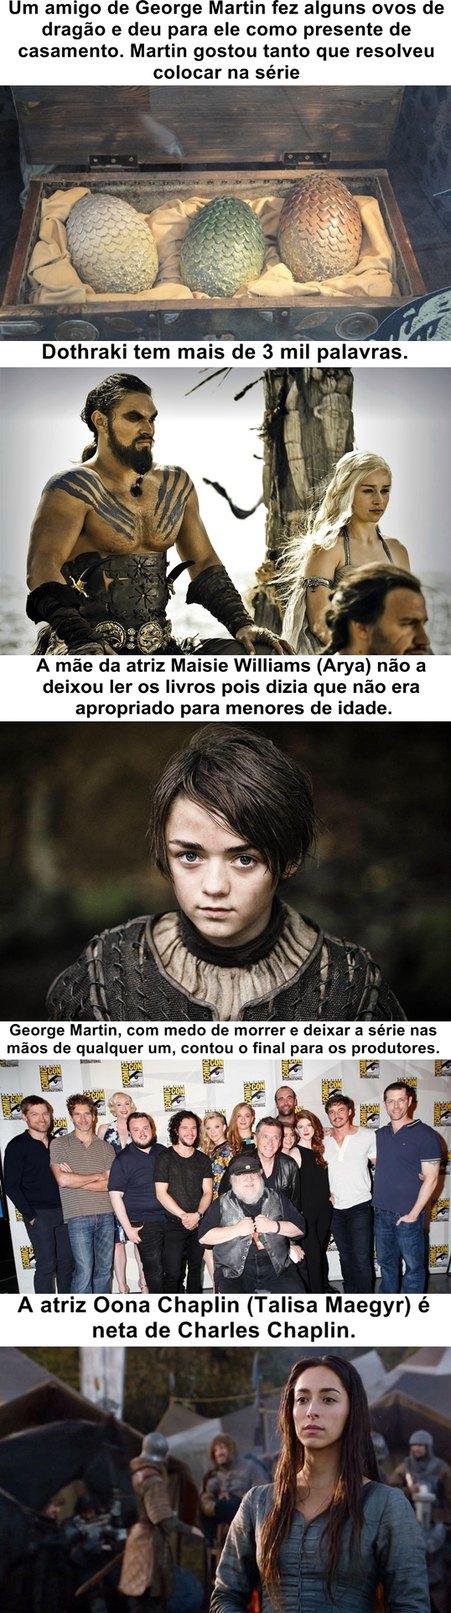 Curiosidades Game of Thrones pt. 4 - meme